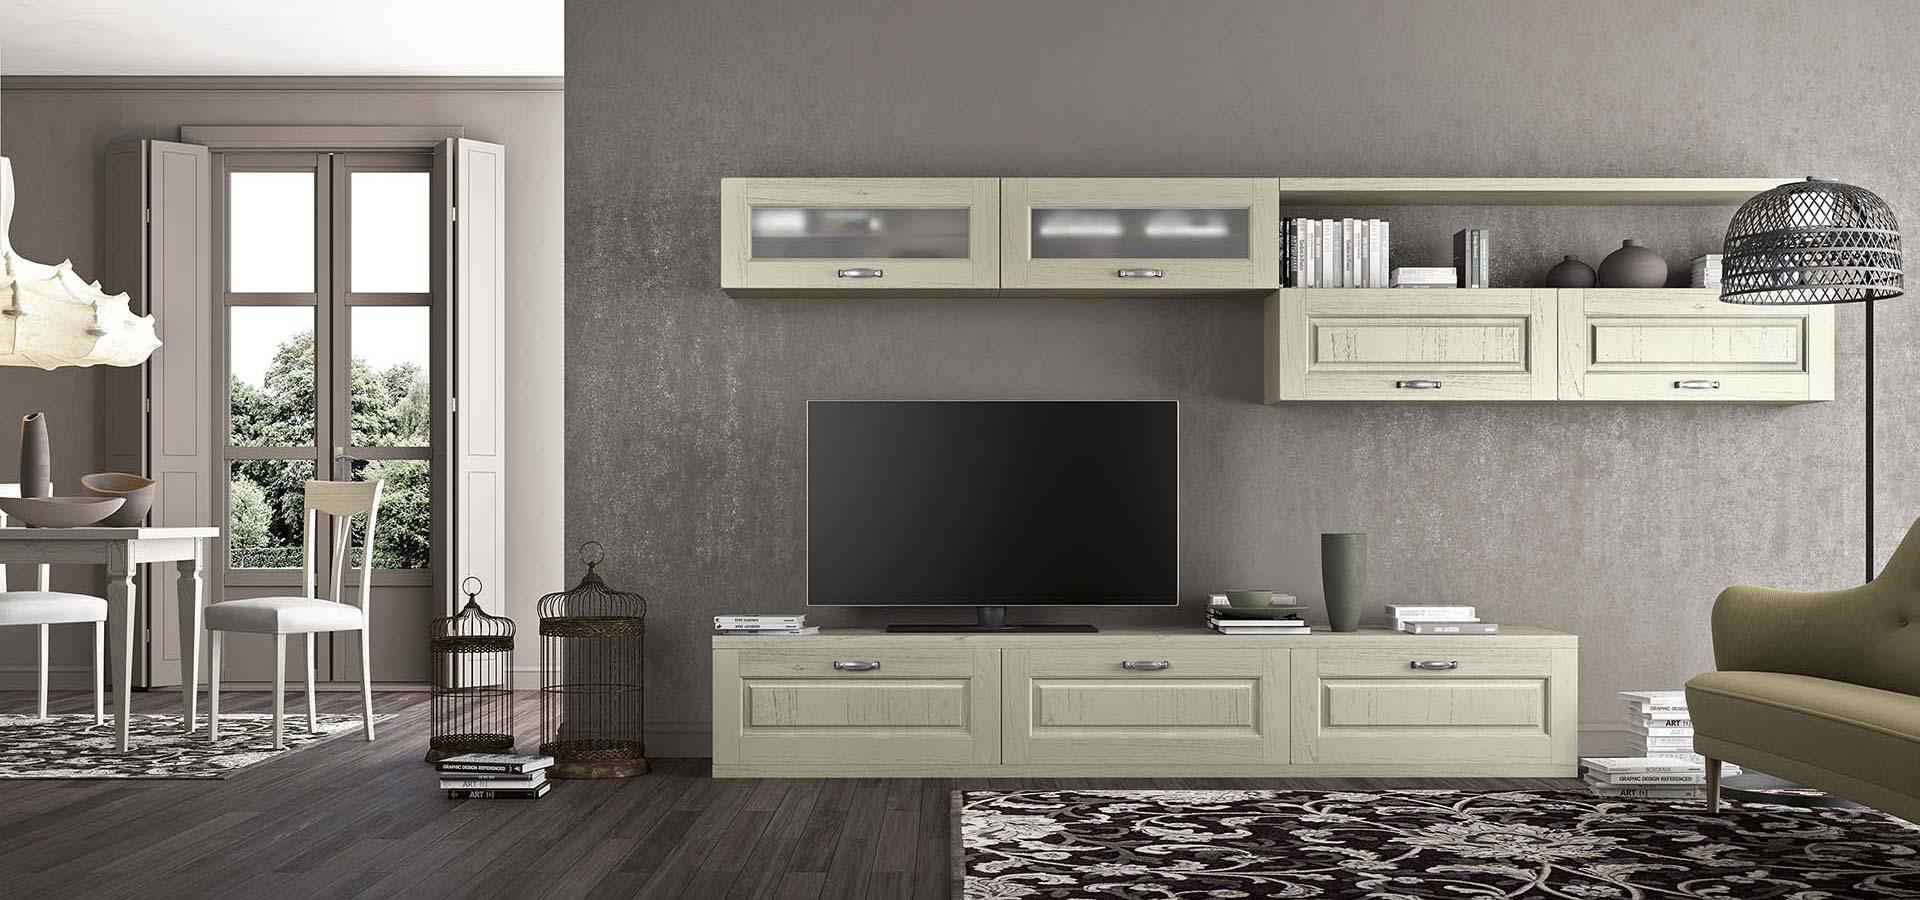 Soggiorni pirani mobili for Mobili x soggiorno moderni